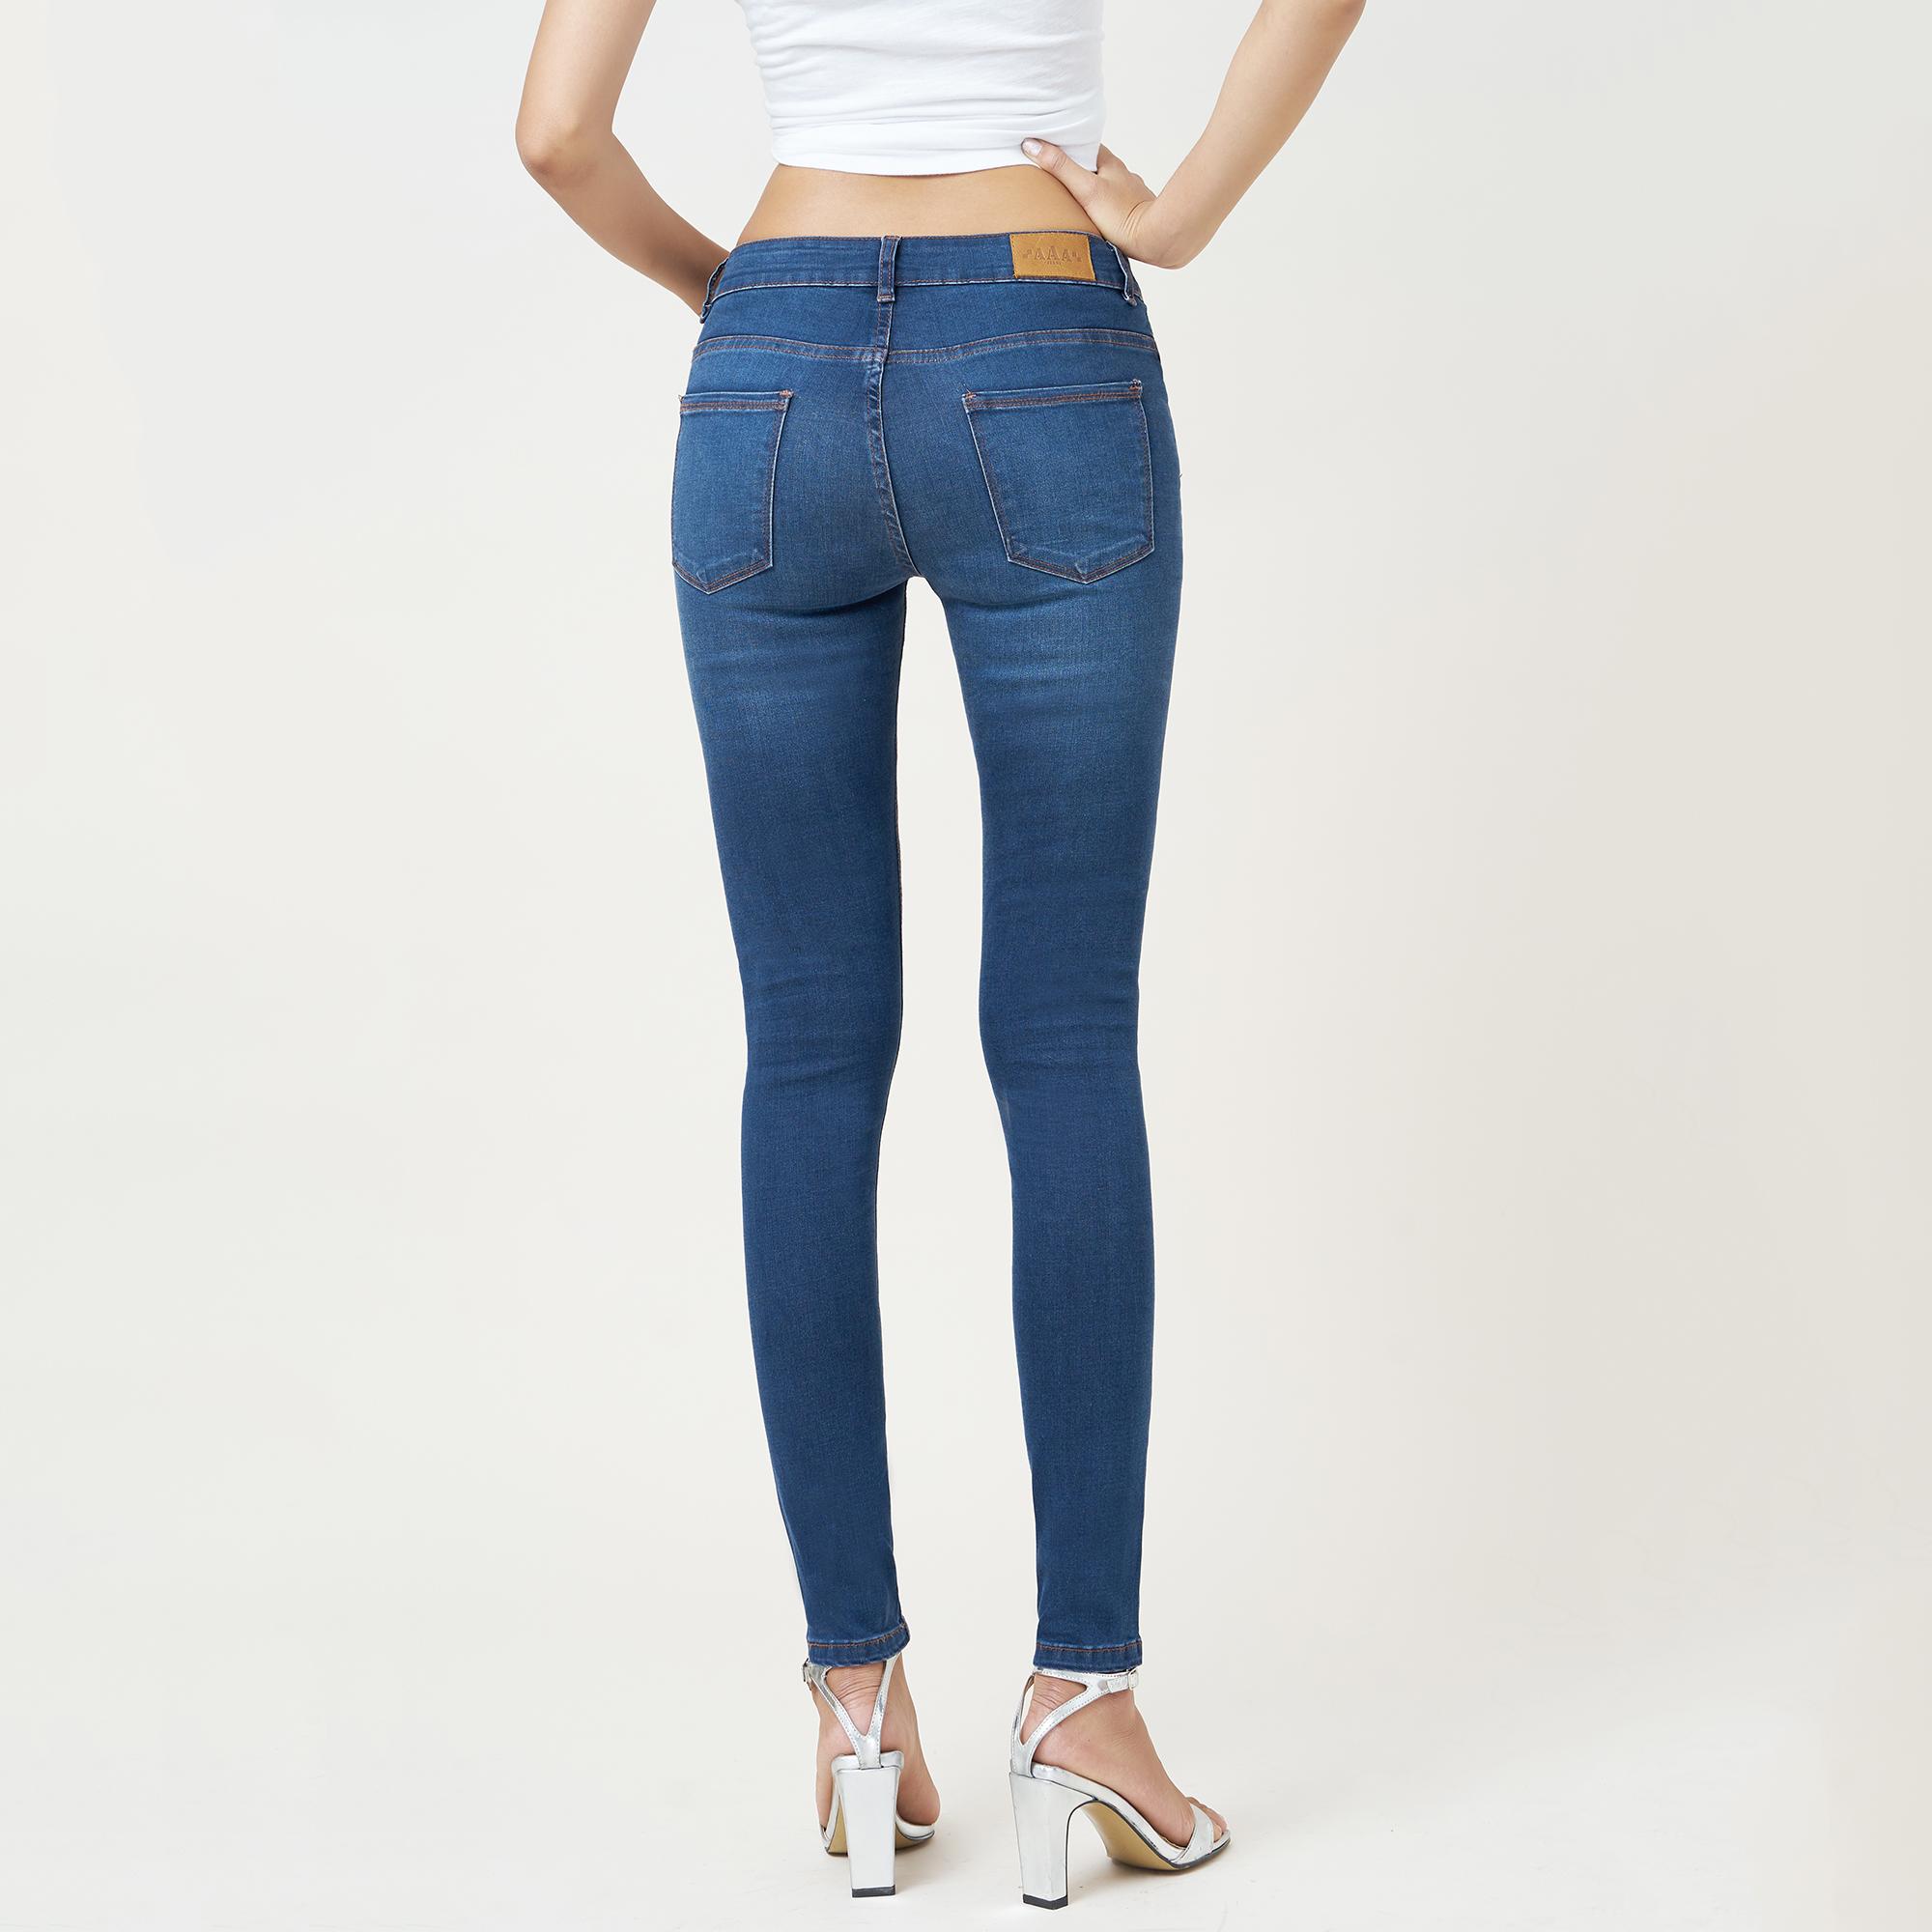 Quần Jean Nữ Skinny Lưng Vừa Aaa Jeans Có Nhiều Màu Size 26 - 32 3